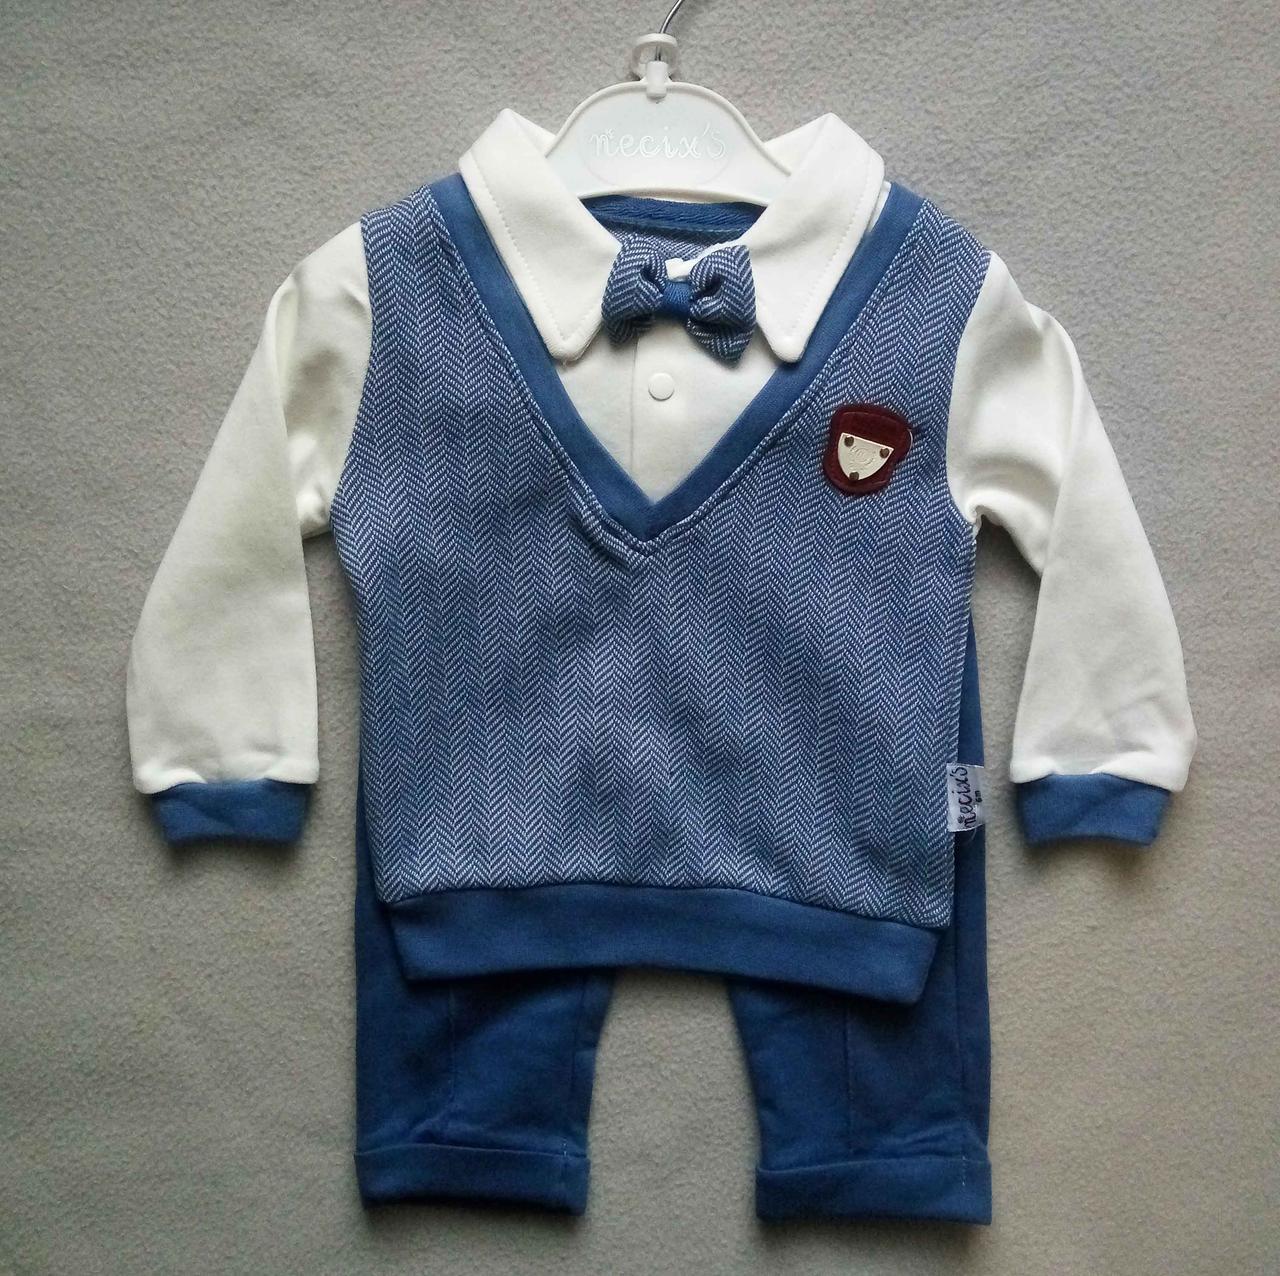 Нарядный детский костюм с бабочкой для новорожденных на мальчиков 6-12 мес Турция оптом